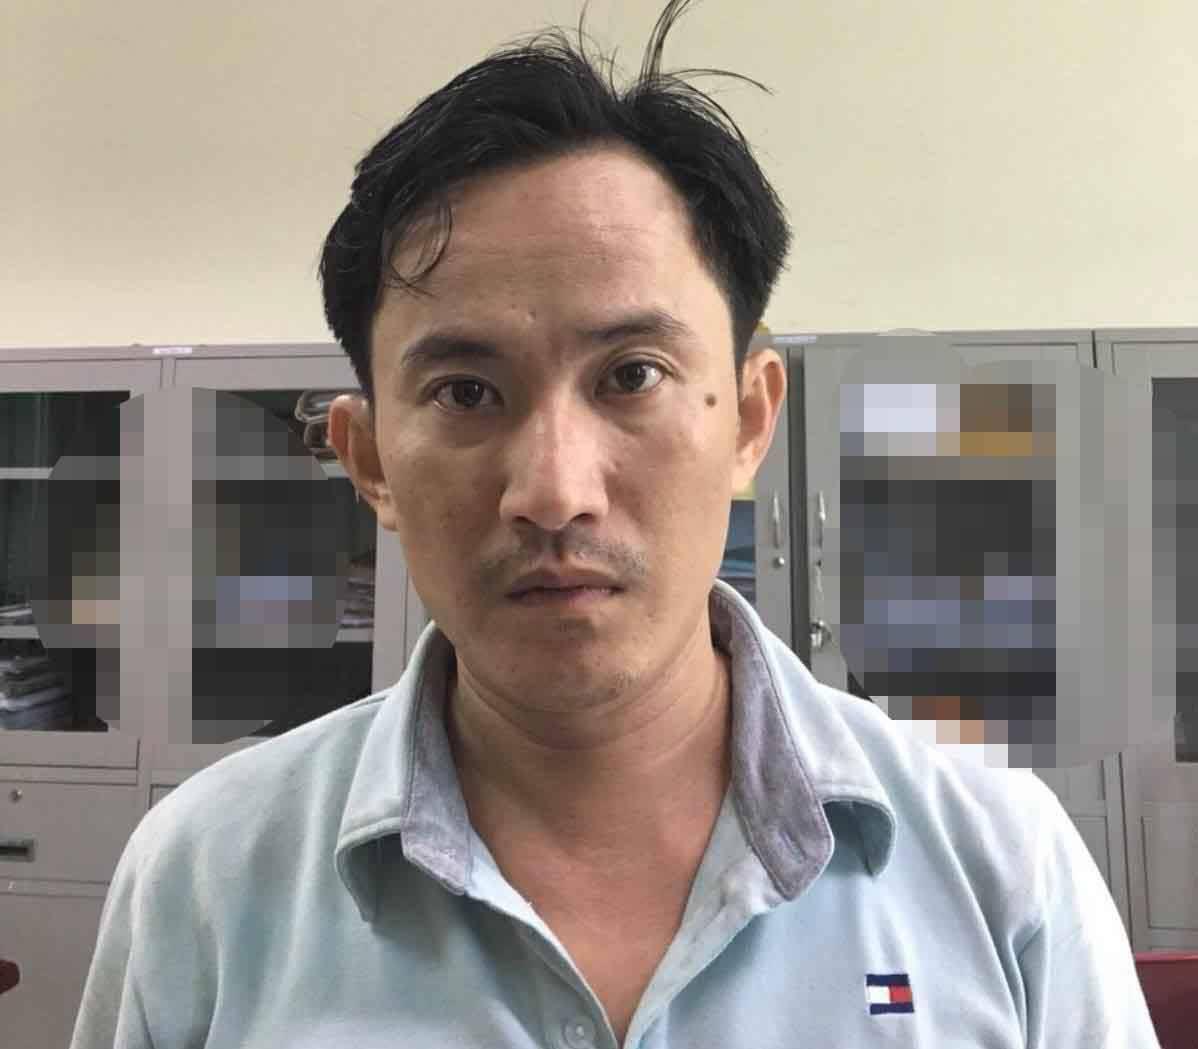 Chân dung kẻ chủ mưu tra tấn thai phụ 18 tuổi đến sảy thai ở Sài Gòn - Ảnh 1